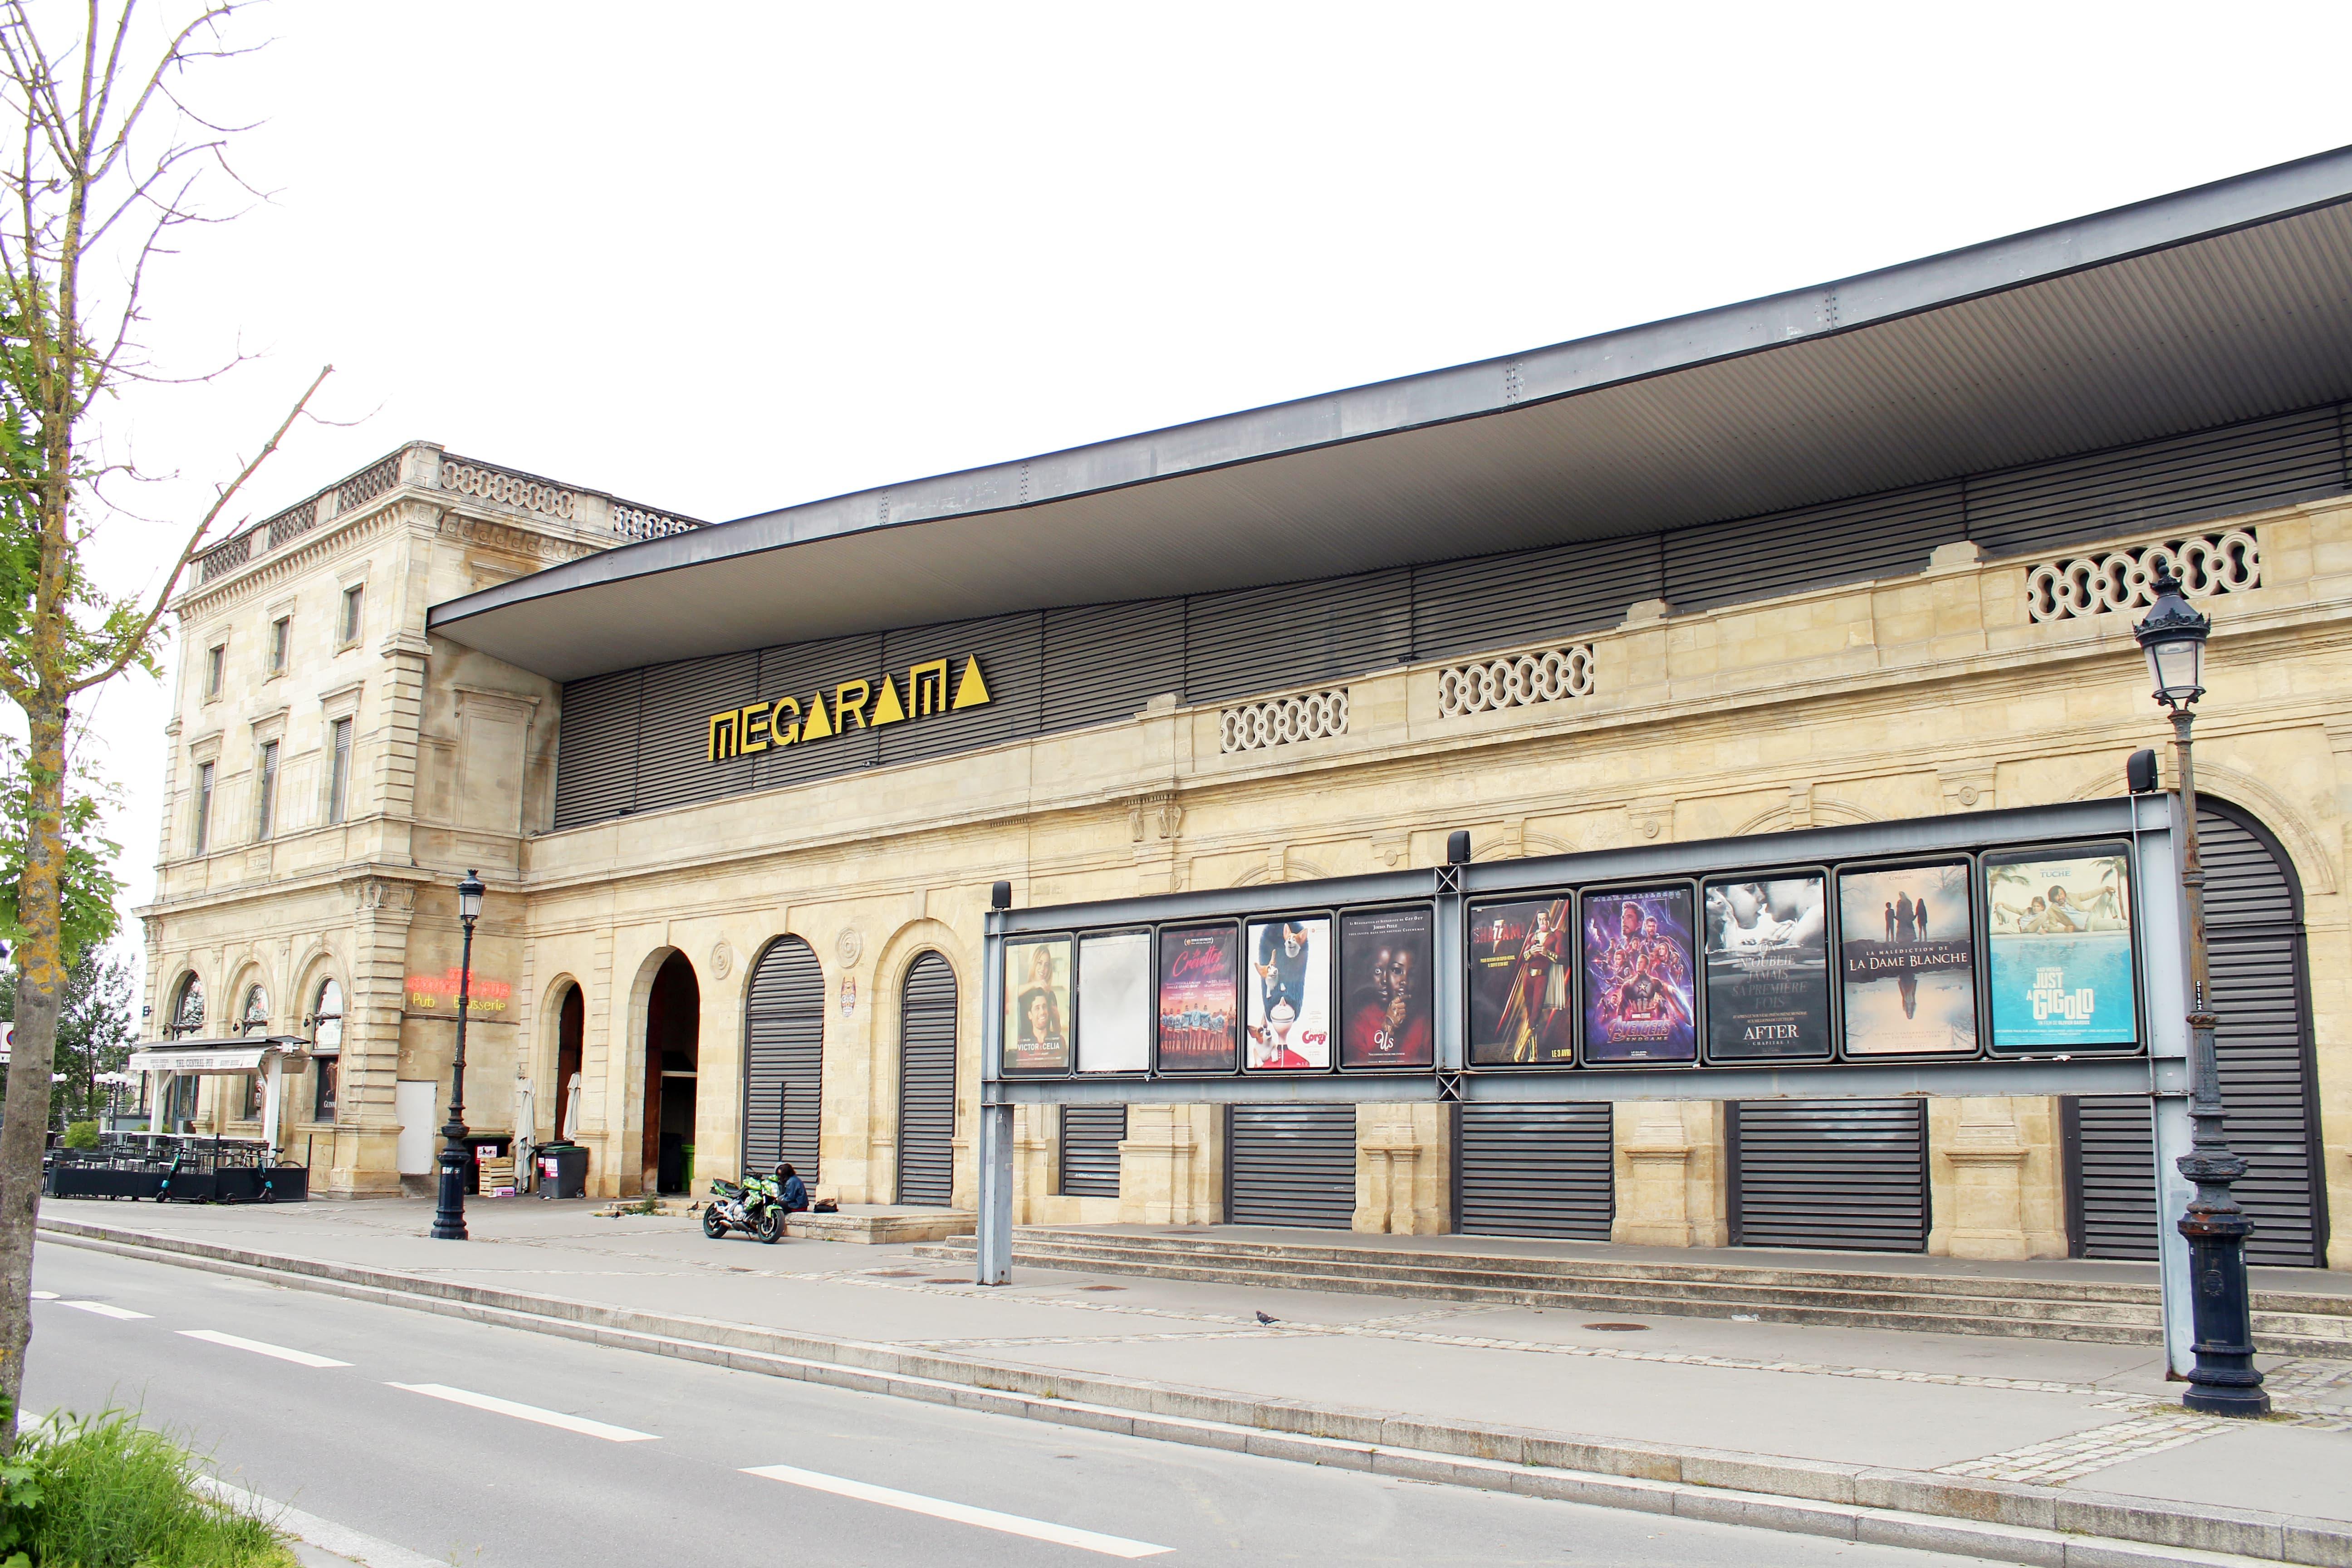 gare orléans bordeaux bastide